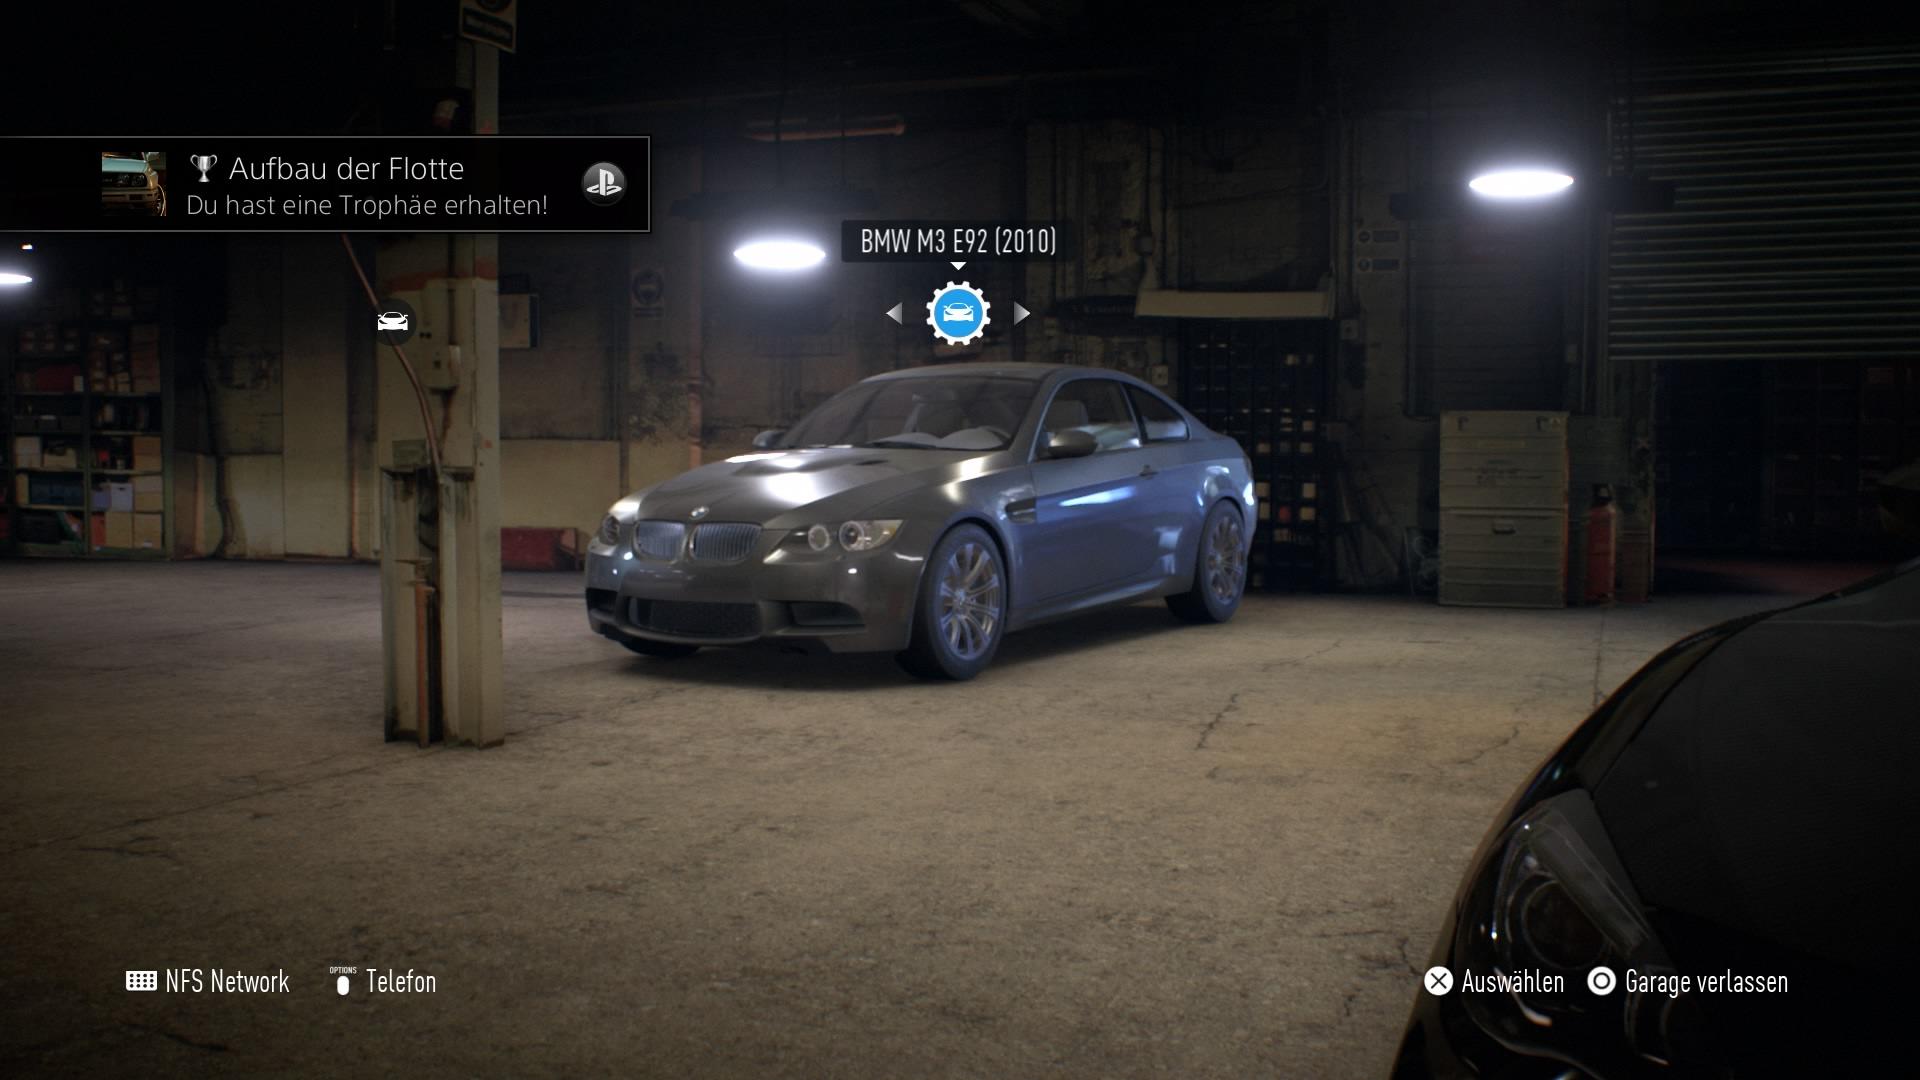 In der Garage sammelt man seine gekauften Autos.